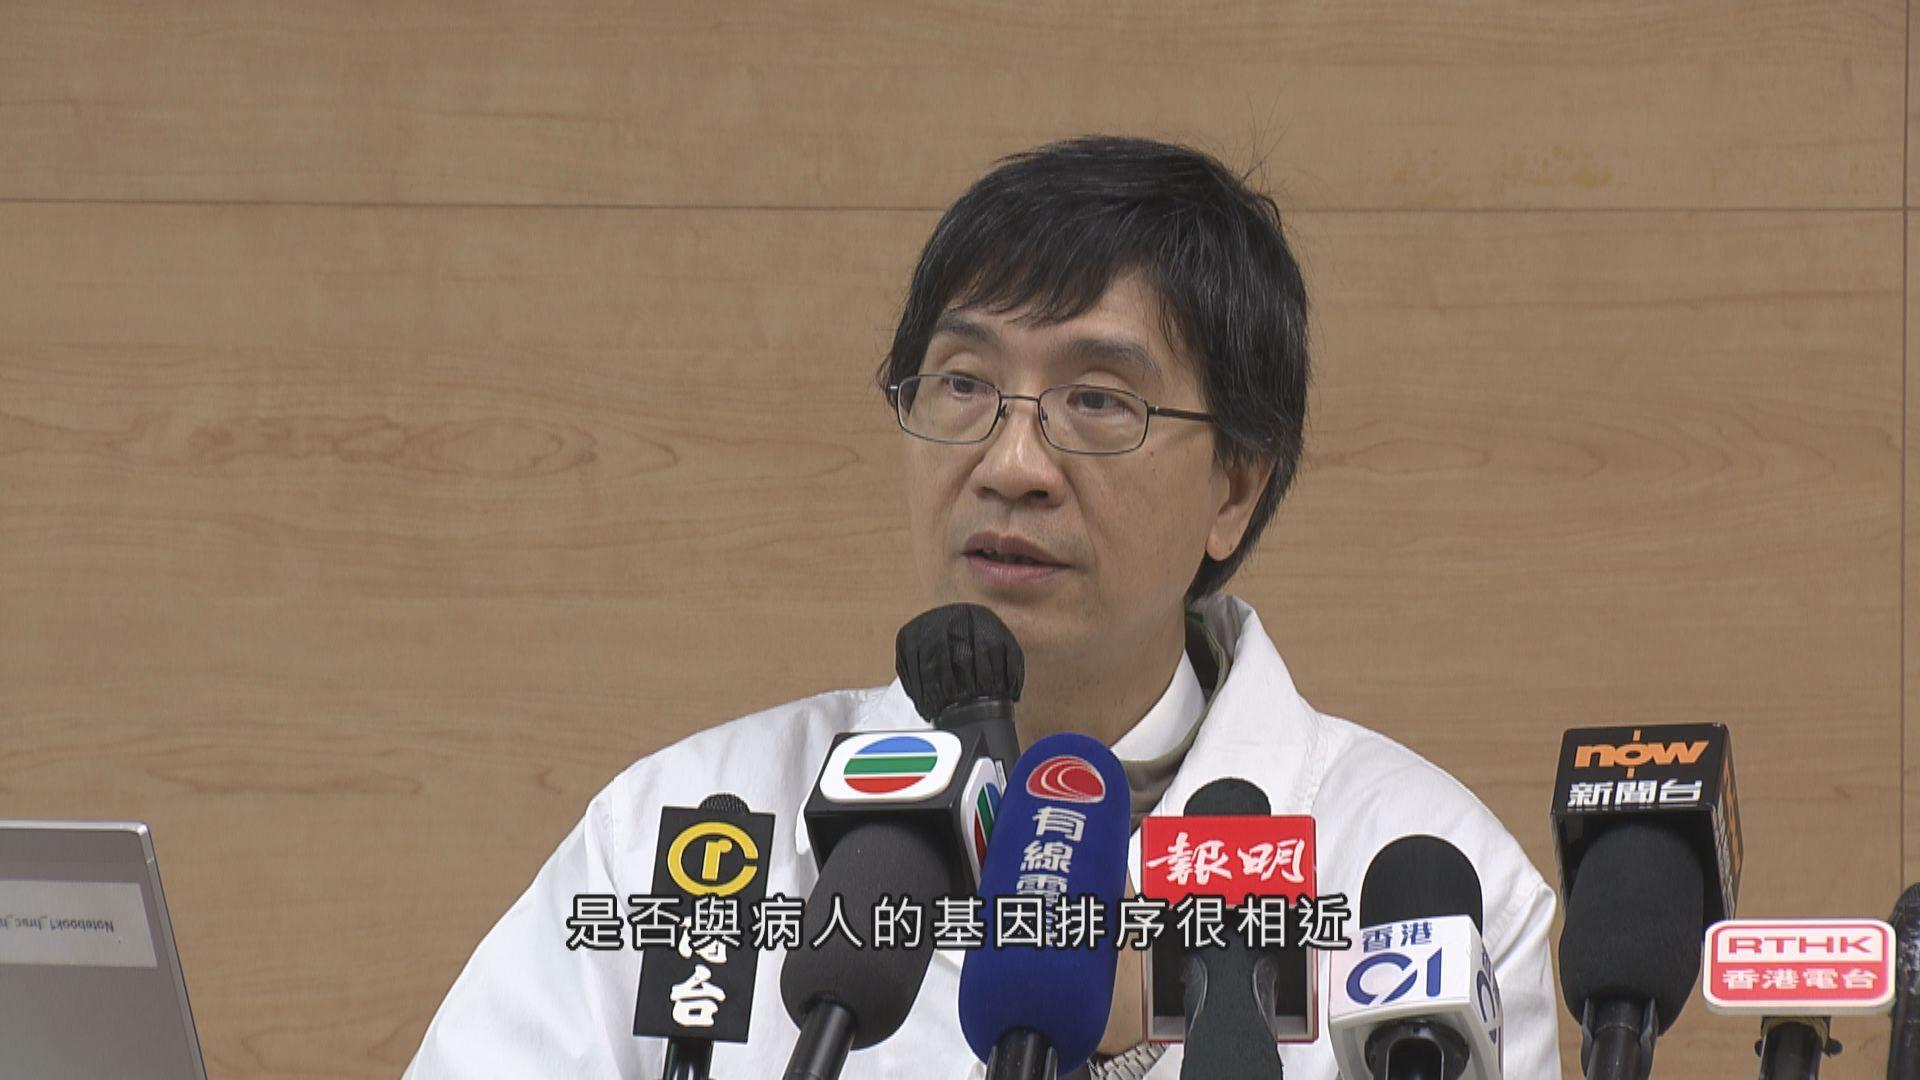 【即日焦點】袁國勇:或有更多大鼠戊型肝炎潛在個案;28萬人聯署要求重拍《權力遊戲》S8